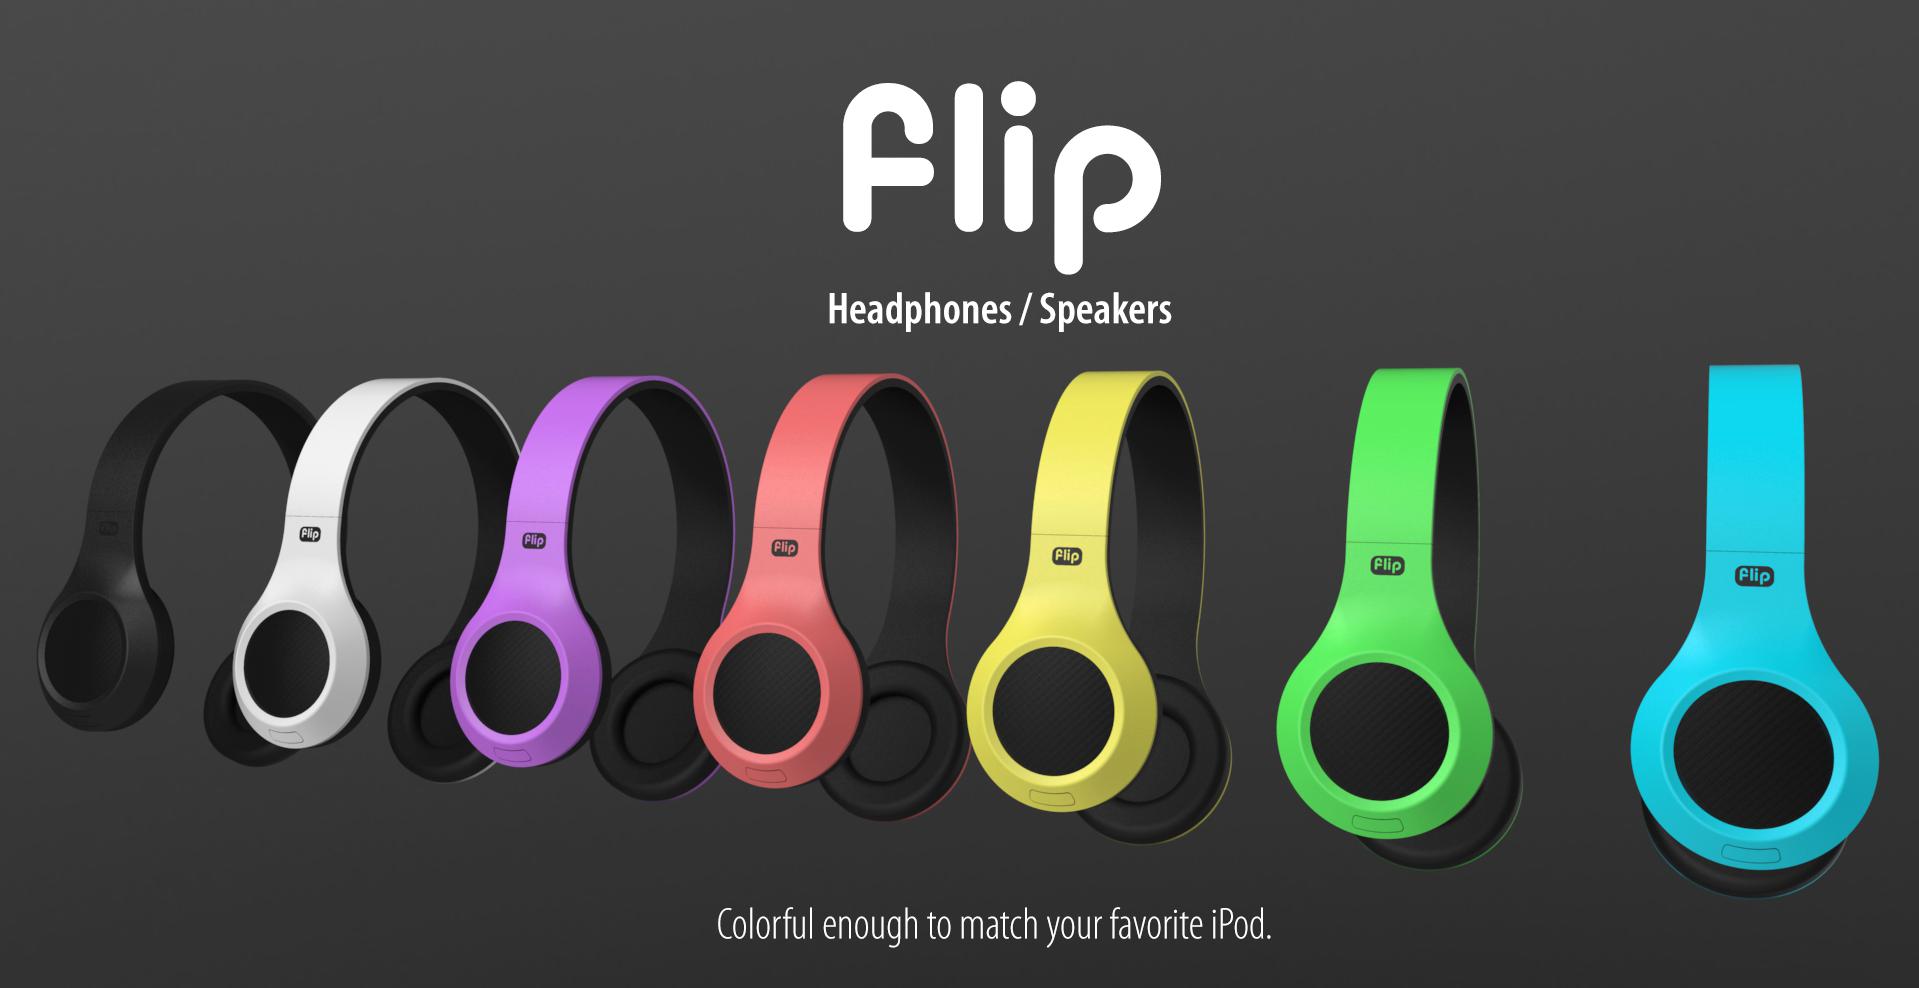 Flip Headphones 1.png